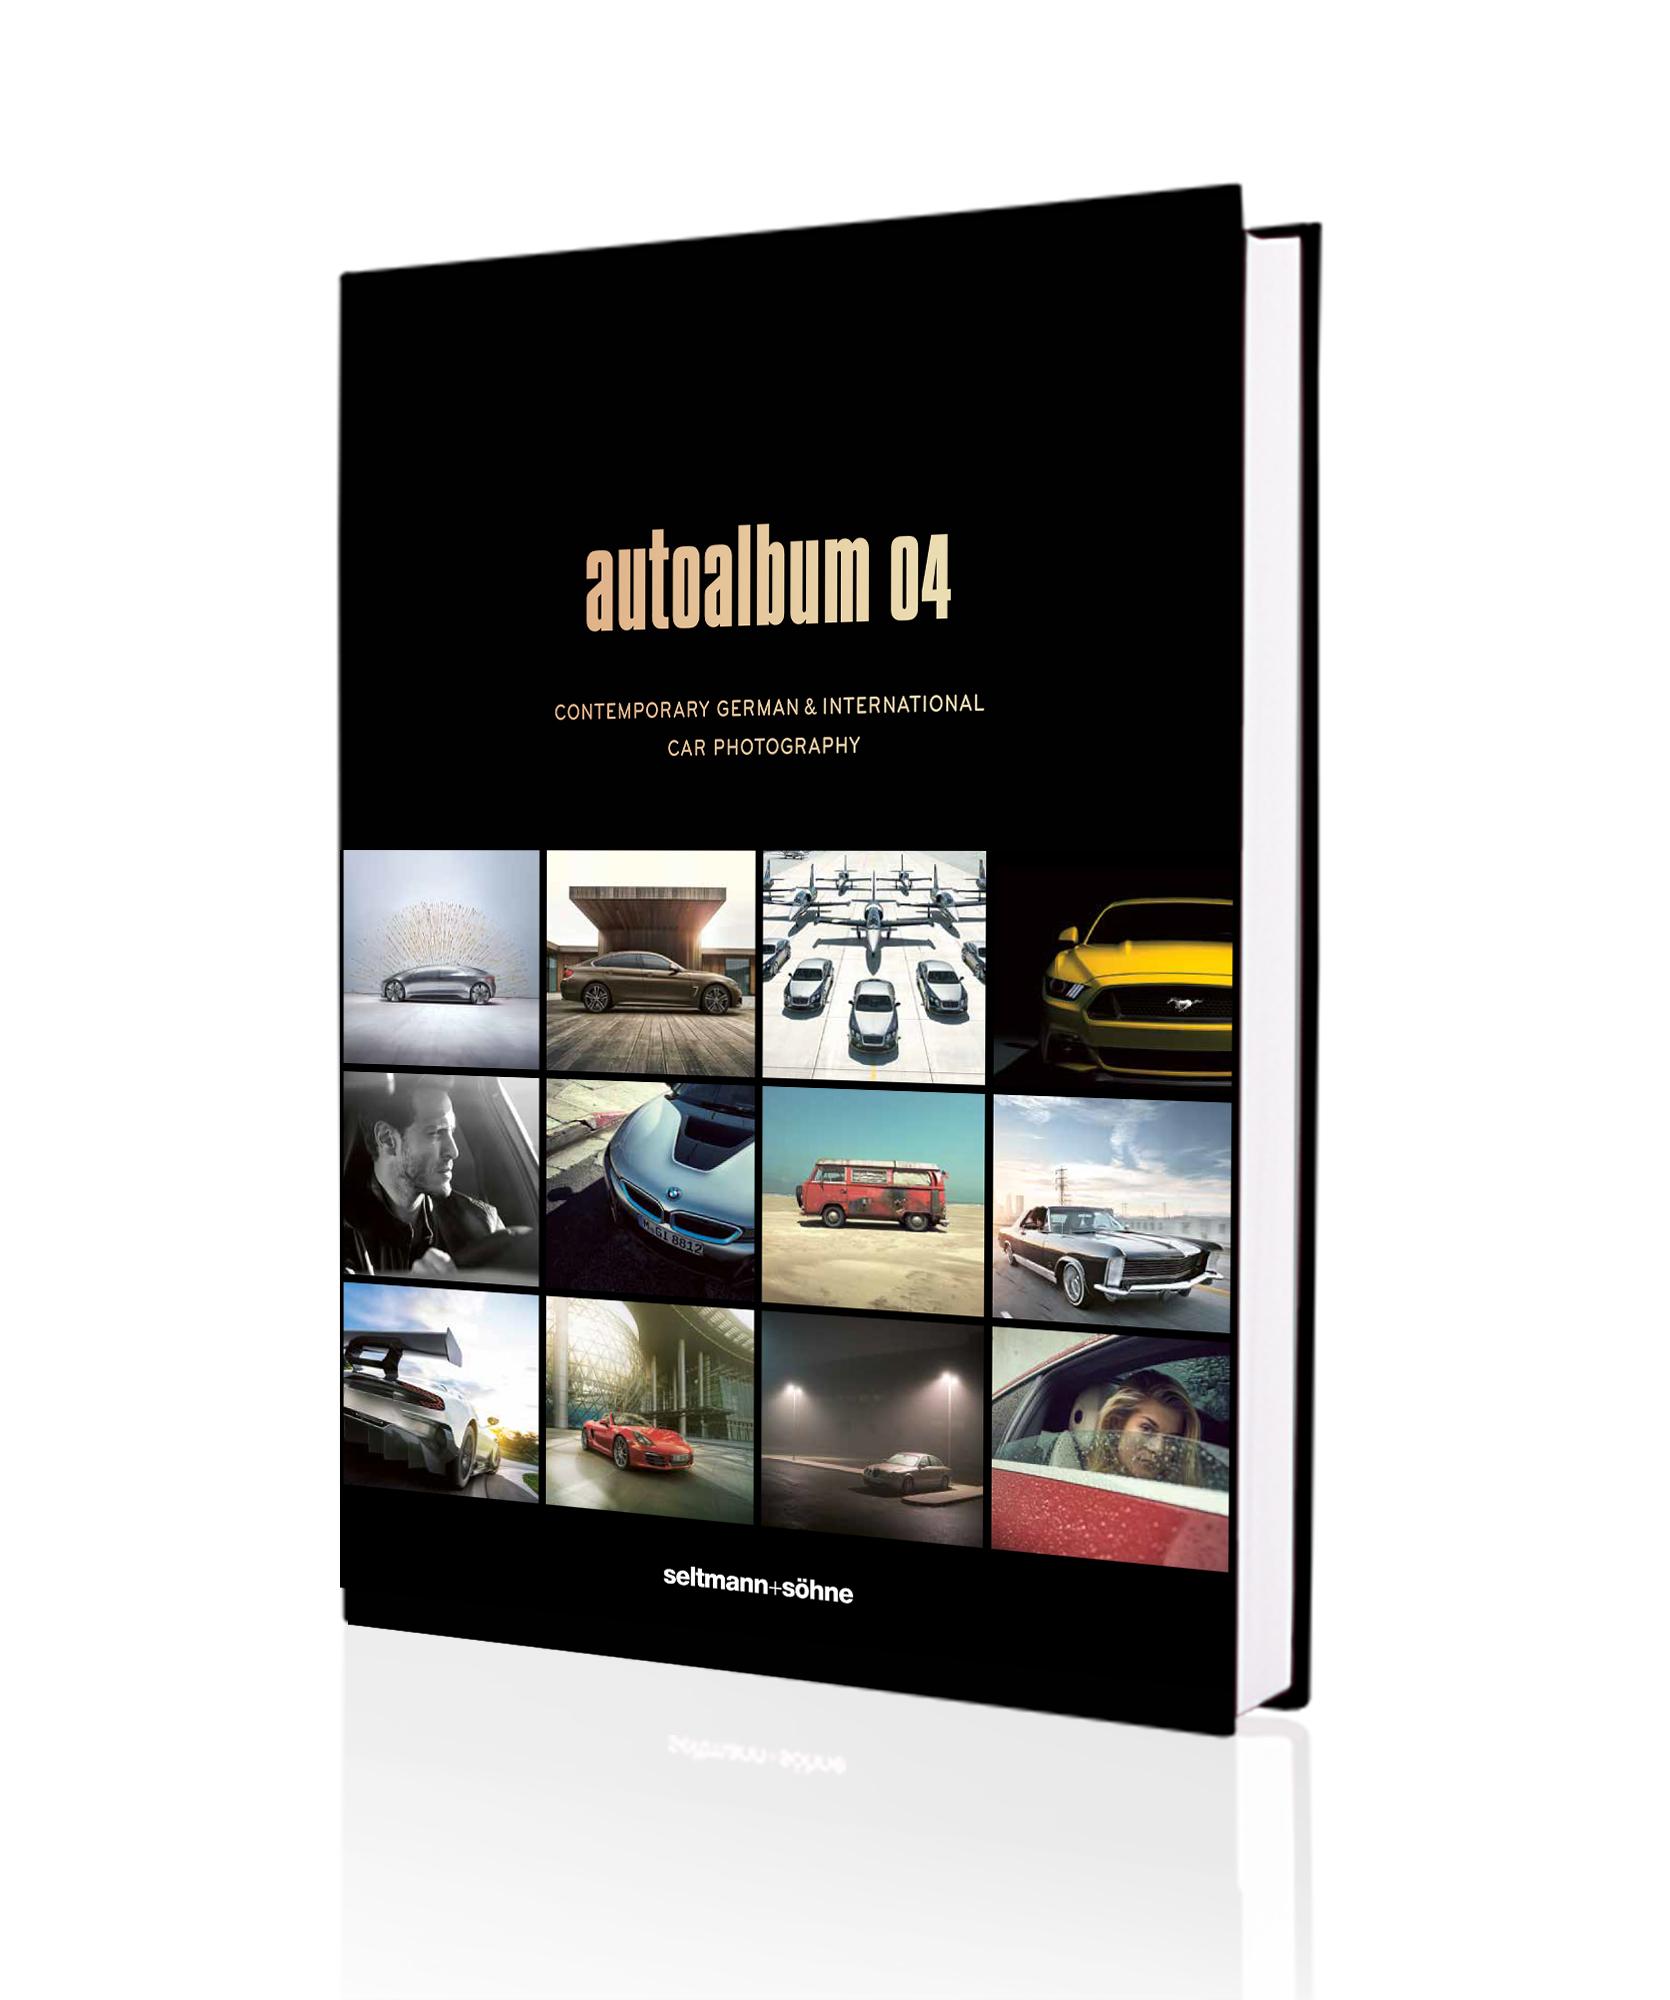 S+ Verlagsprogramm 06_2012.indd